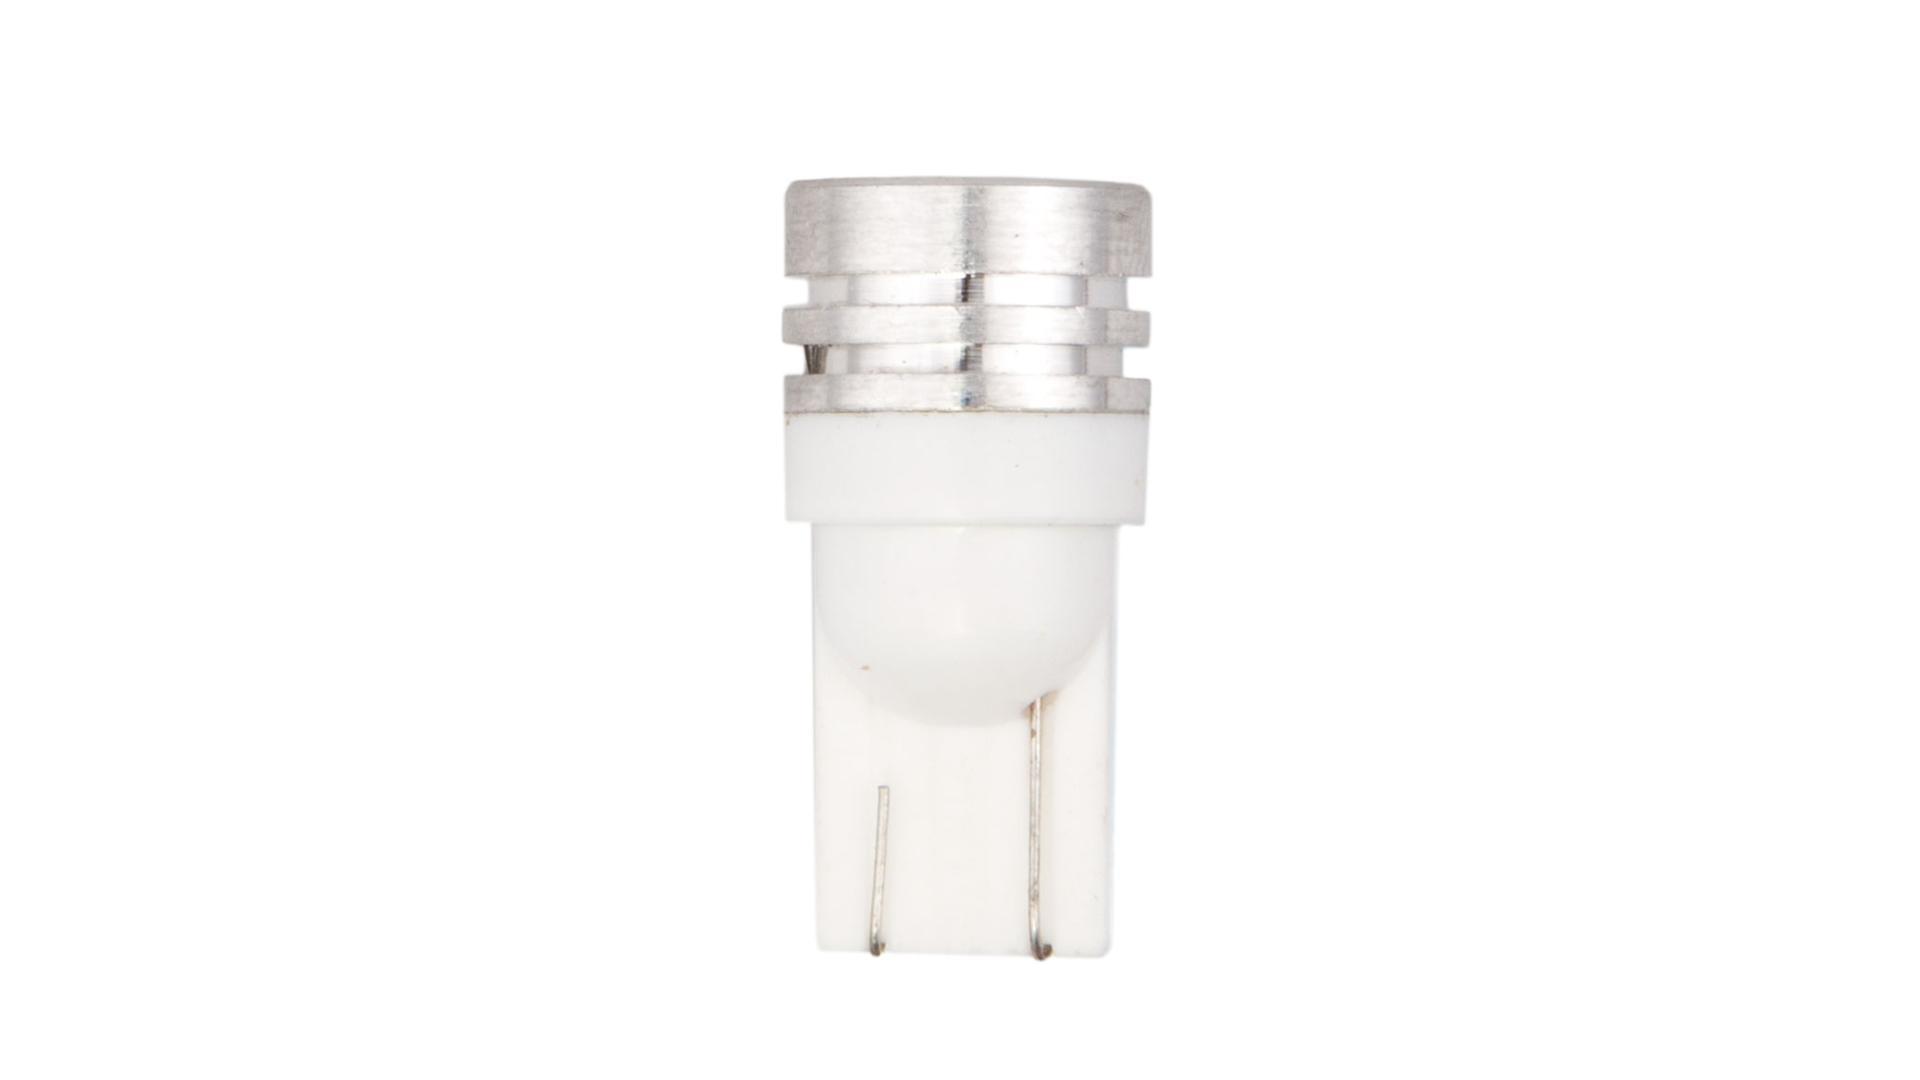 4CARS LED žárovka 1LED 12V T10